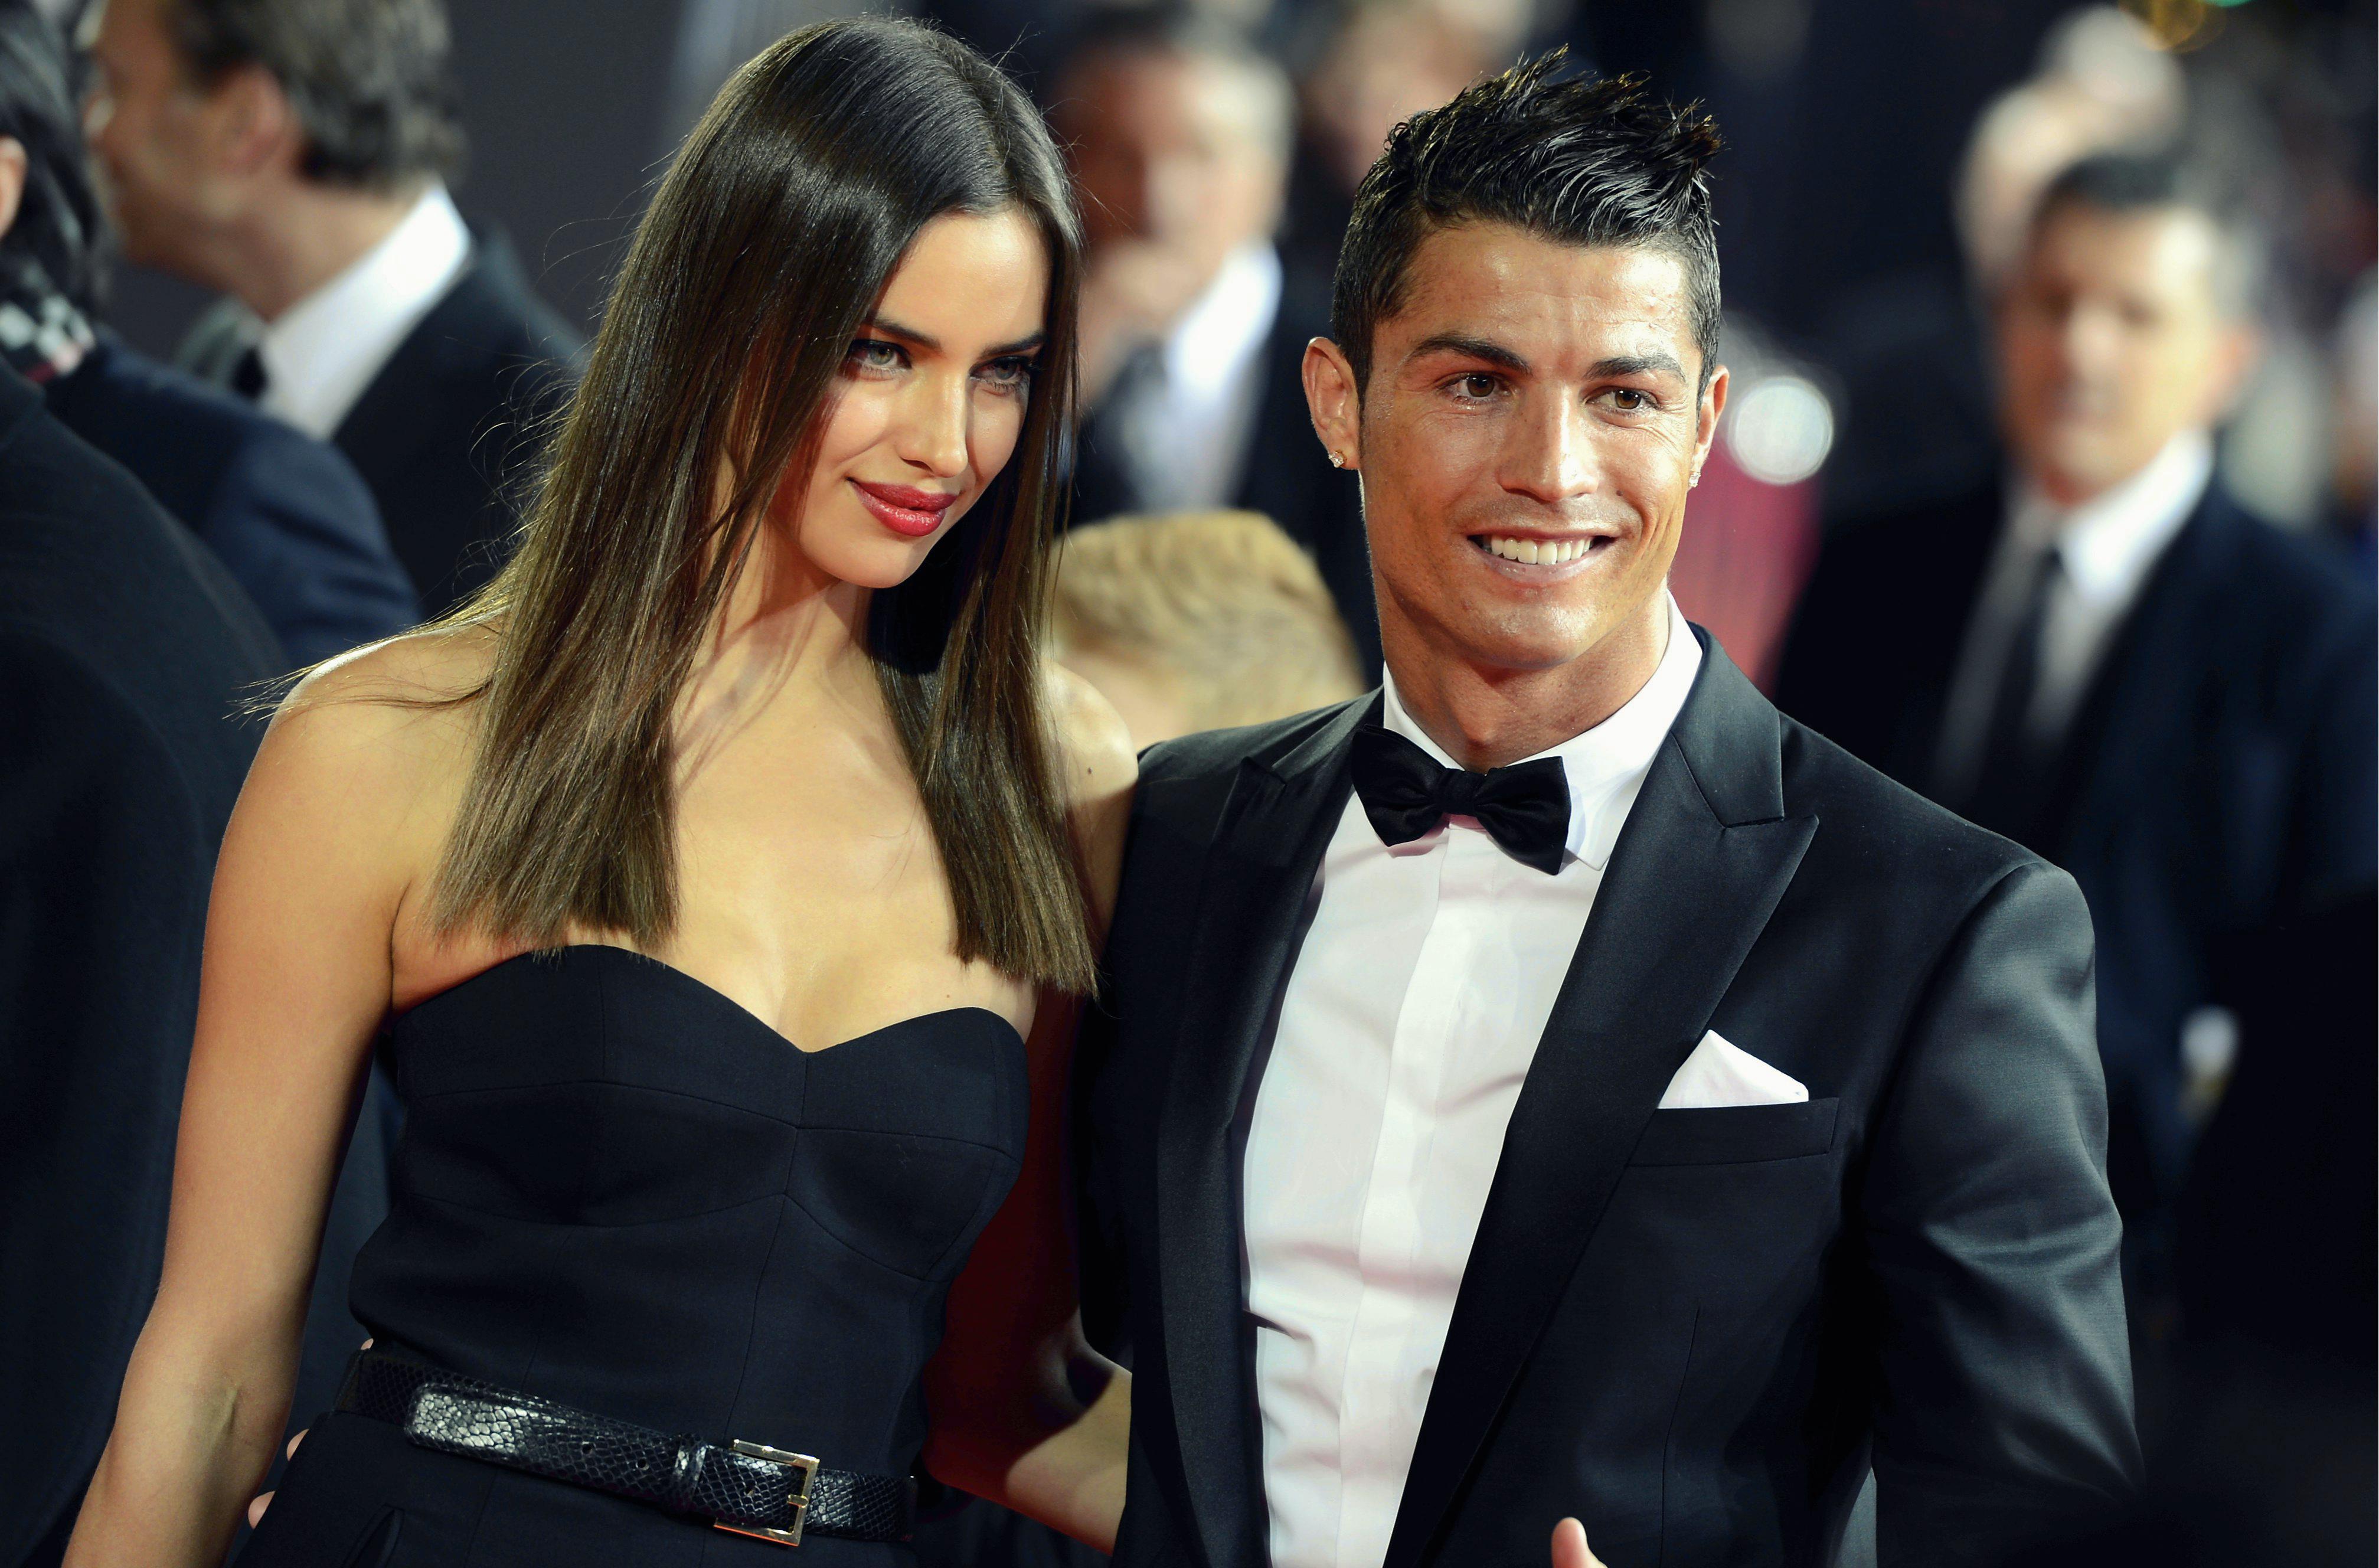 Calcanhar de Cristiano Ronaldo decisivo no empate do Real Madrid